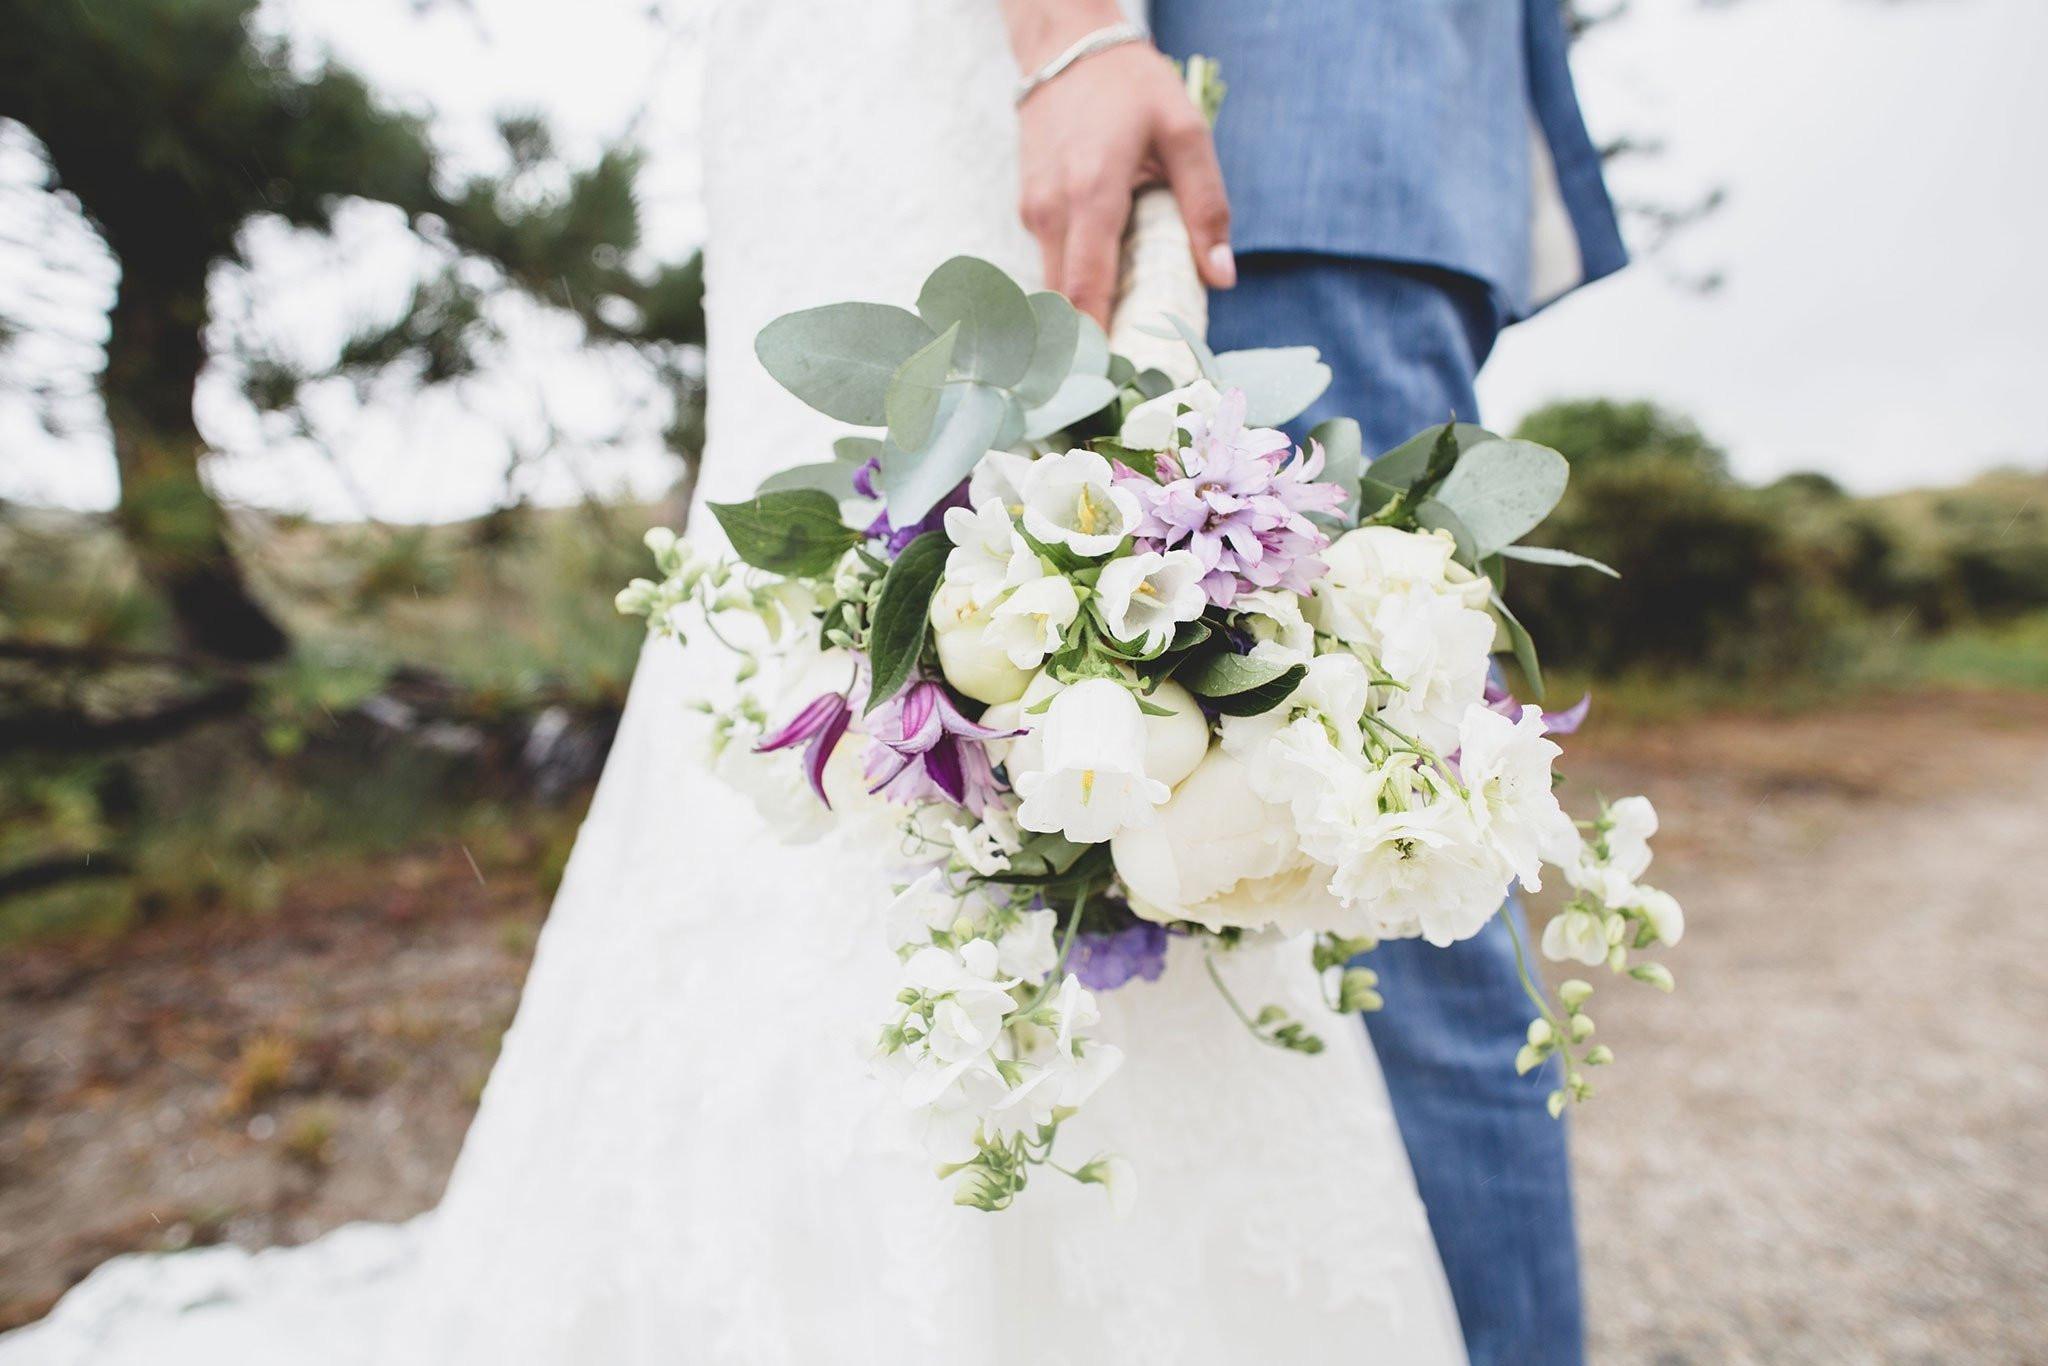 Fabulous Bruidsboeket maken doe je zo | ThePerfectWedding.nl &OP73